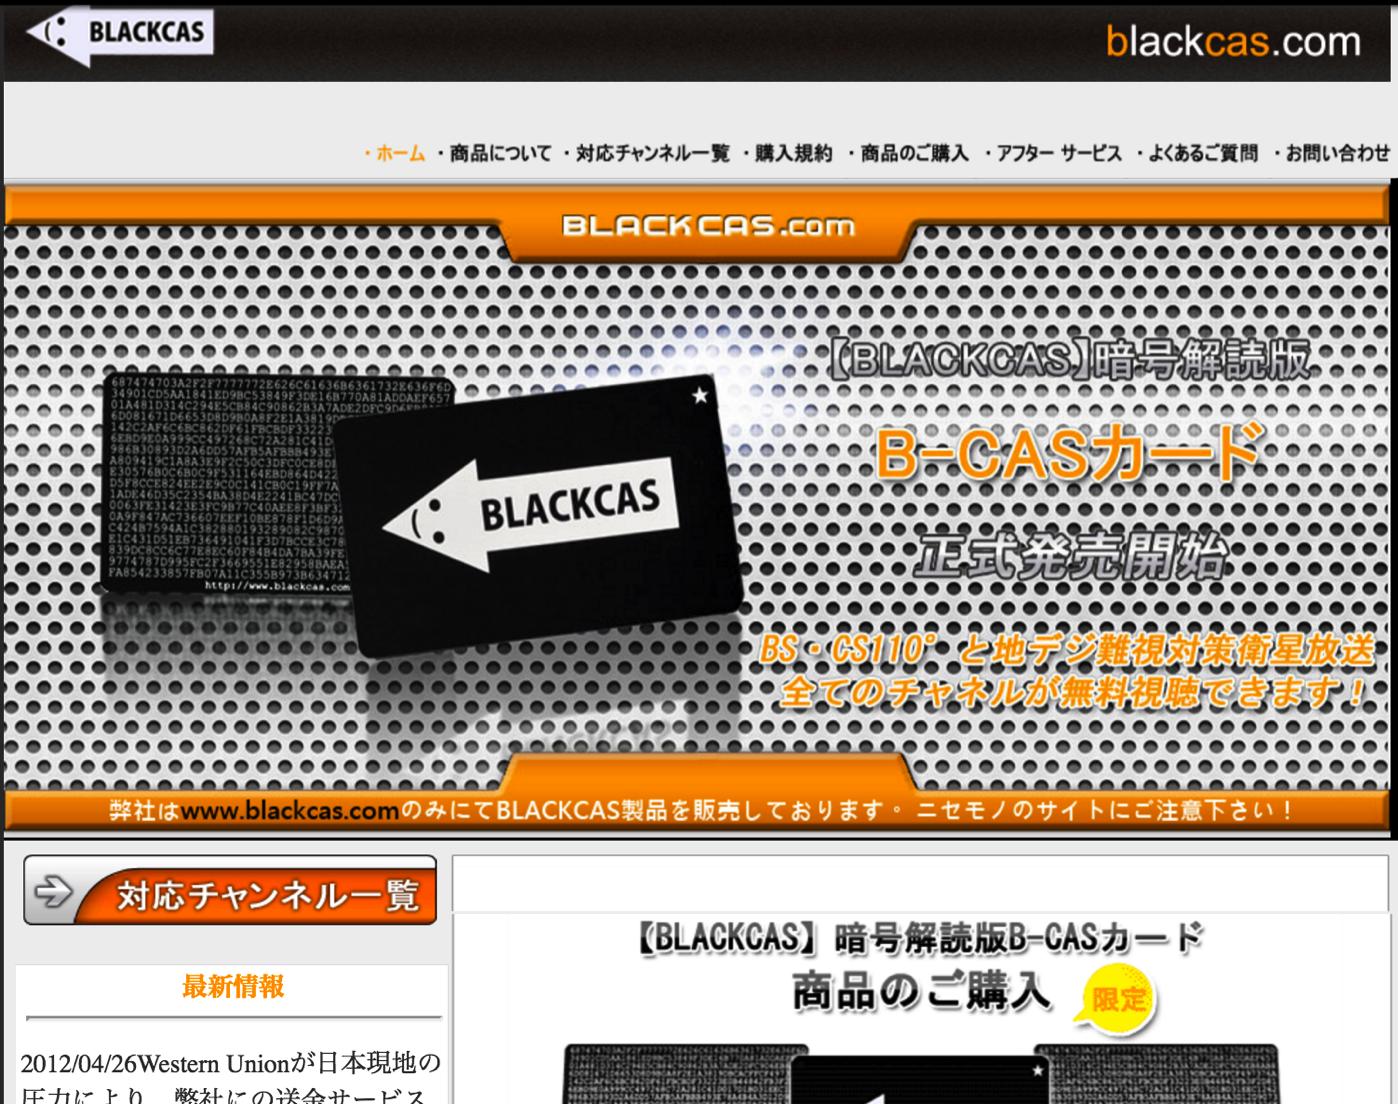 摘発を受けたblackcas.com